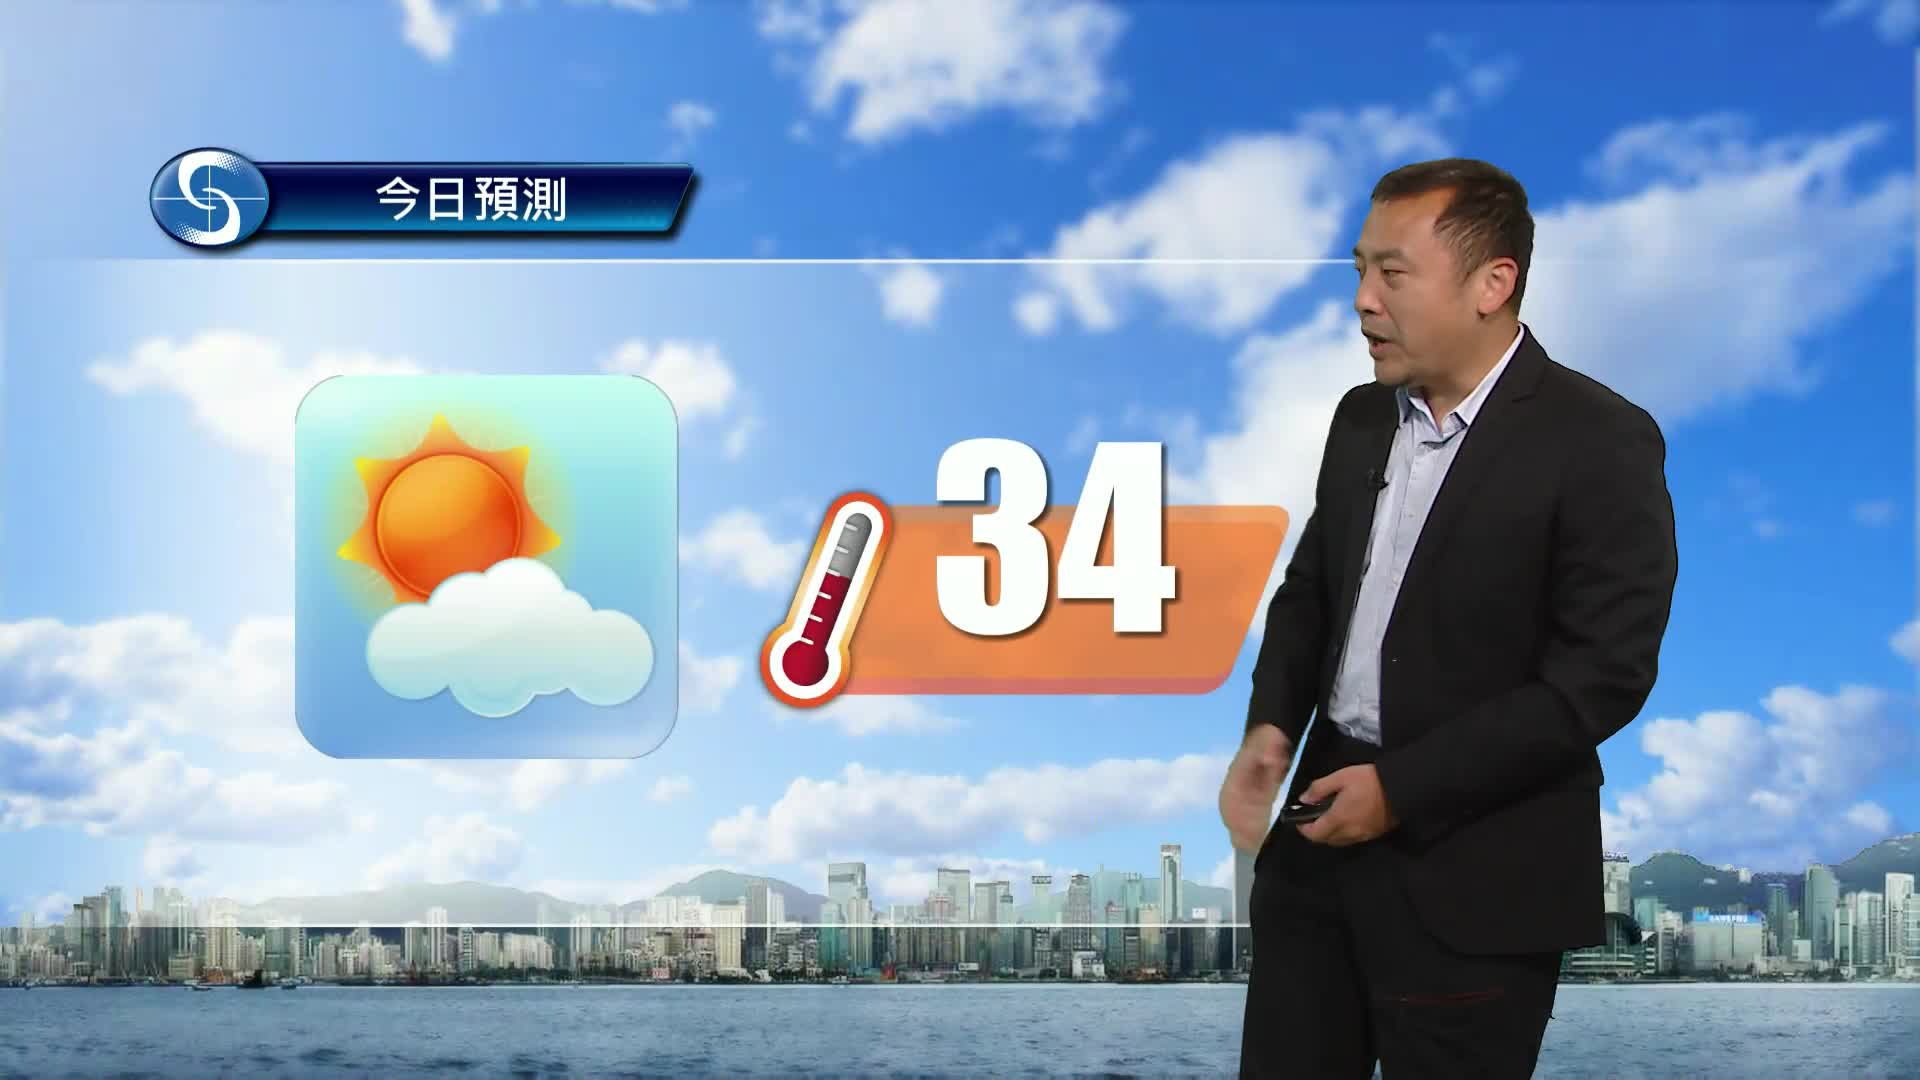 早晨天氣節目(05月15日上午8時) - 科學主任沈志泰